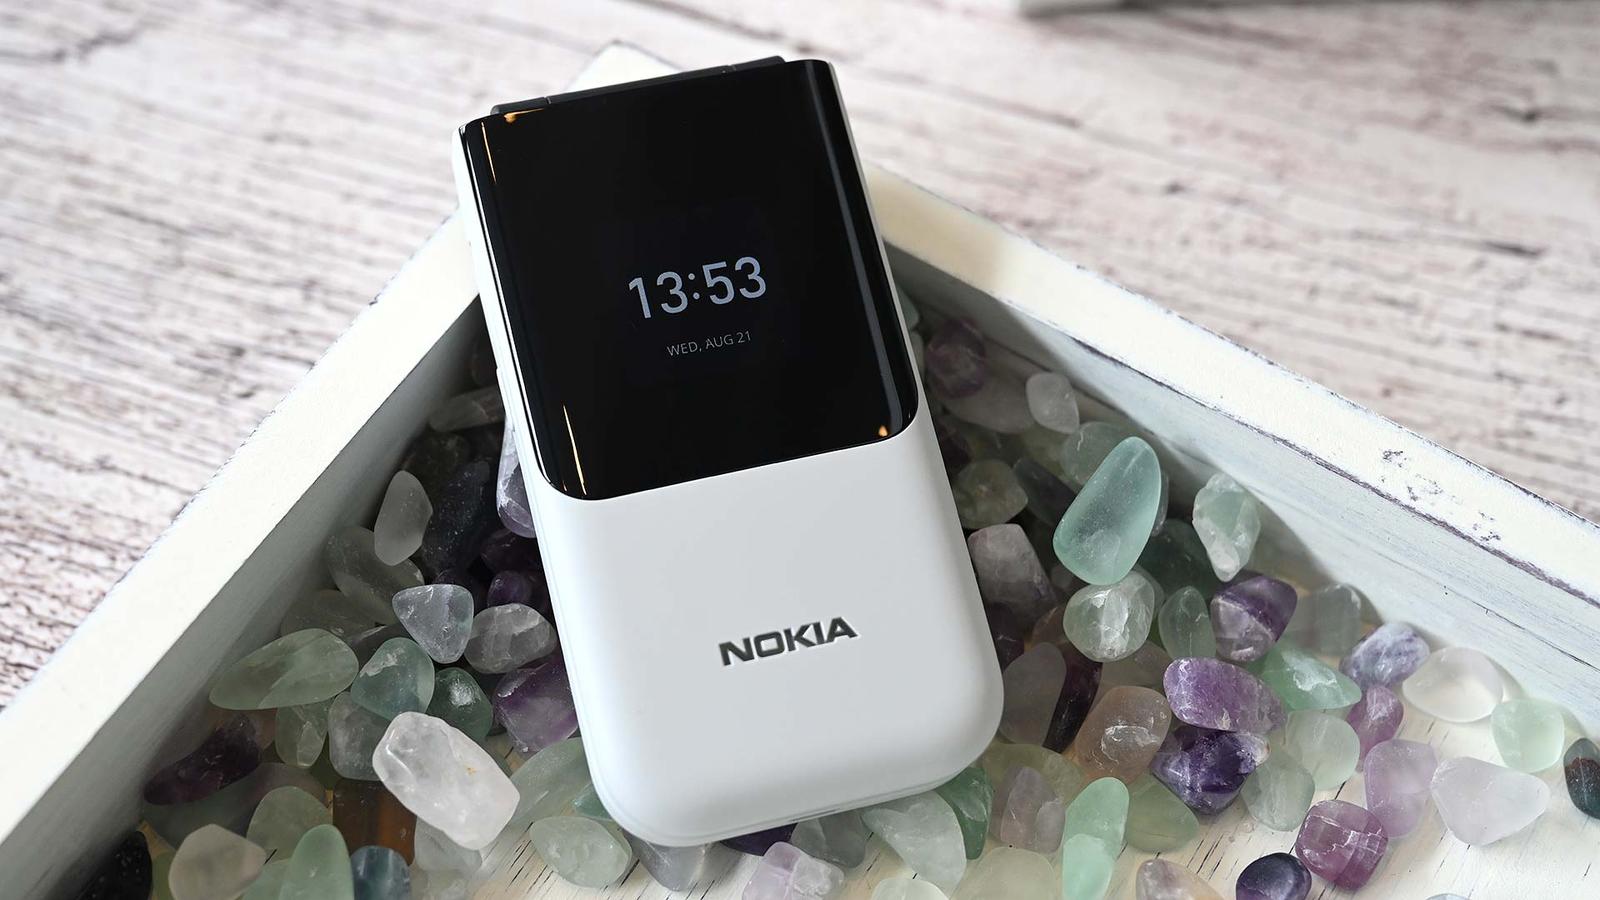 The Nokia 2720.